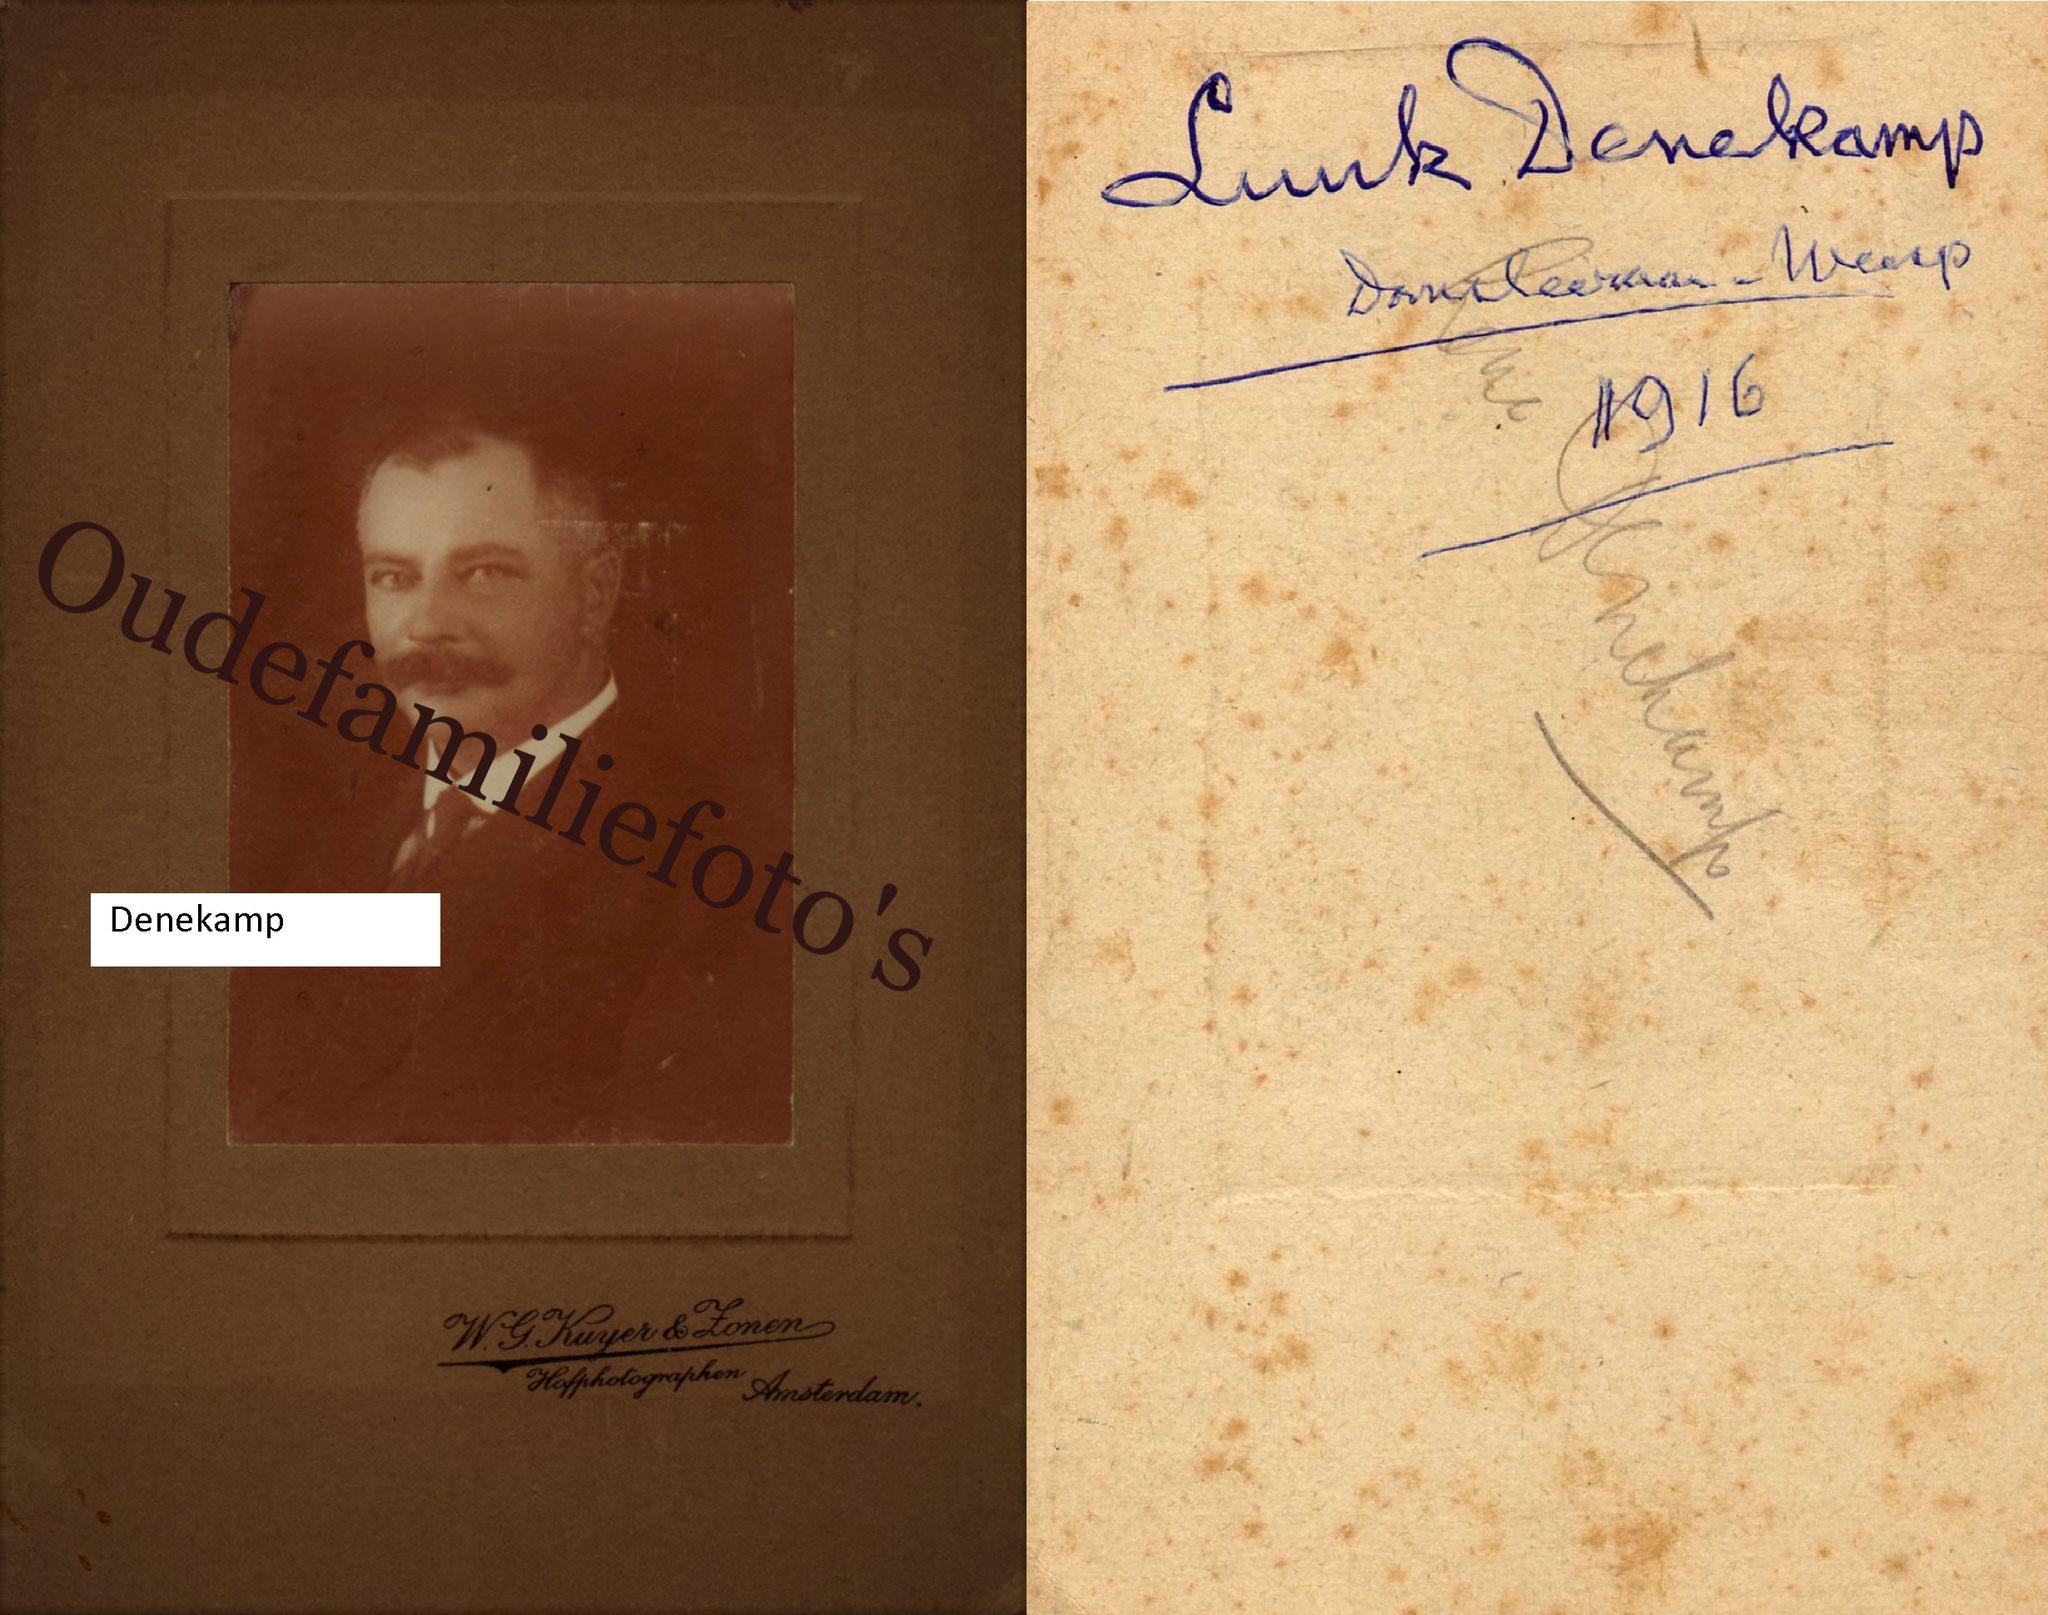 Denekamp. Lucas Franciscus. Beroep: Dansmeester. Geb. 11-3-1874 Amsterdam Ovl. 25-9-1918 Weesp. € 2,00